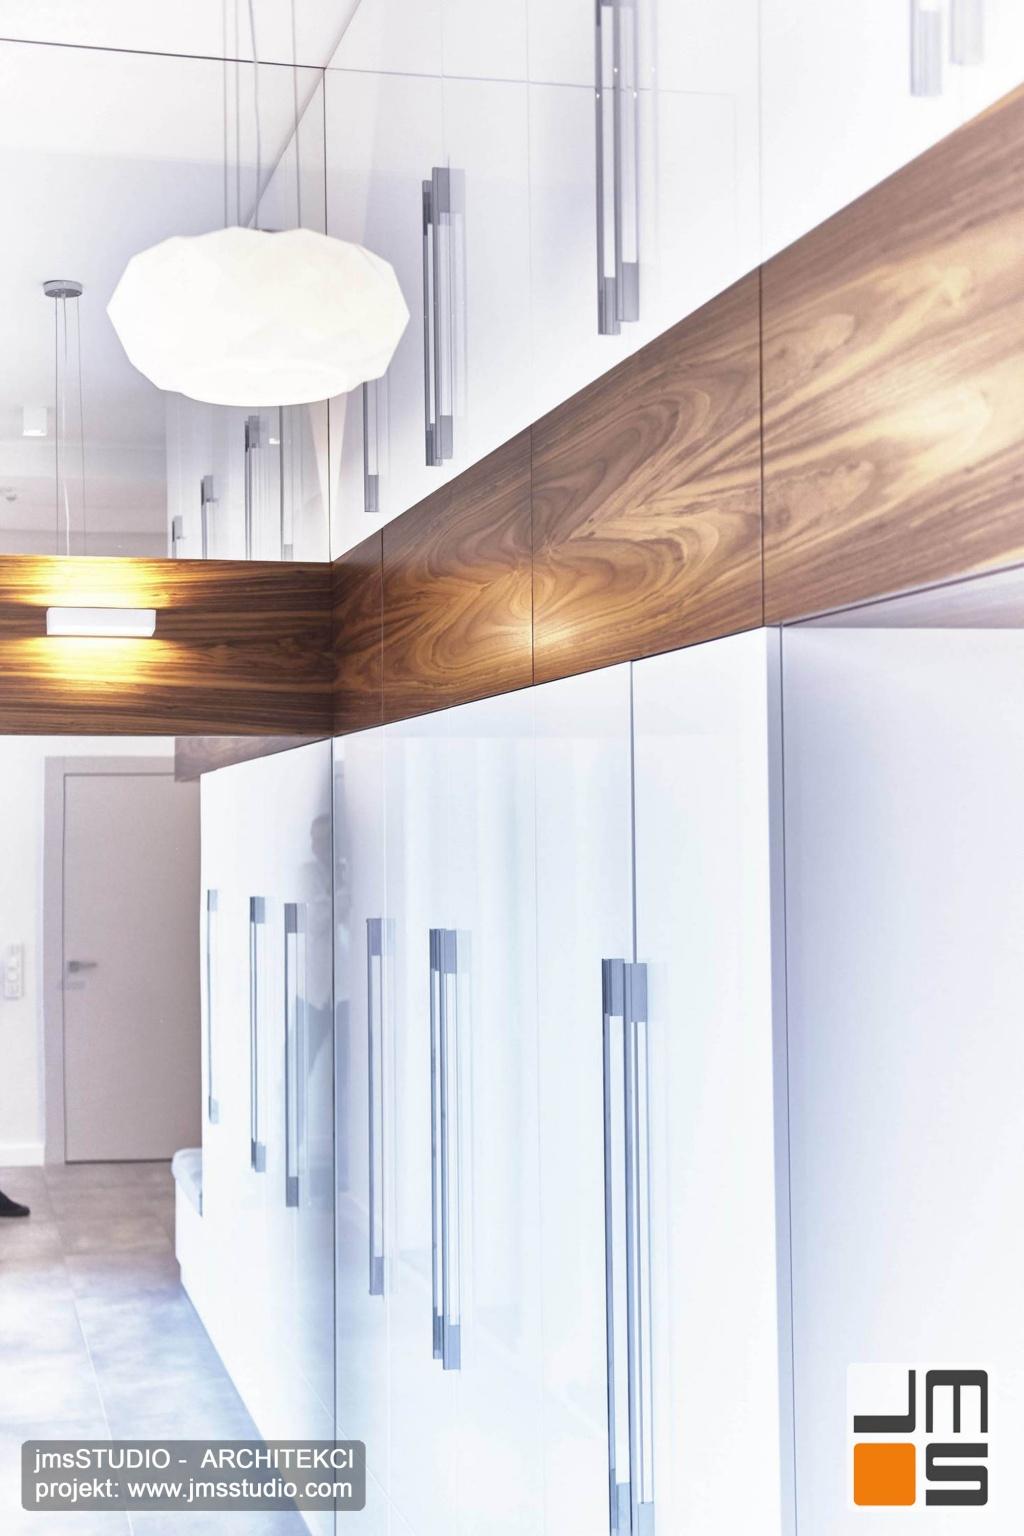 2018 06 w dużym lustrze postaciowym sięgającym sufitu odbijają się meble garderoby przez co ta wydaje się optycznie większa to dobry pomysł projektanta wnętrz Poznań